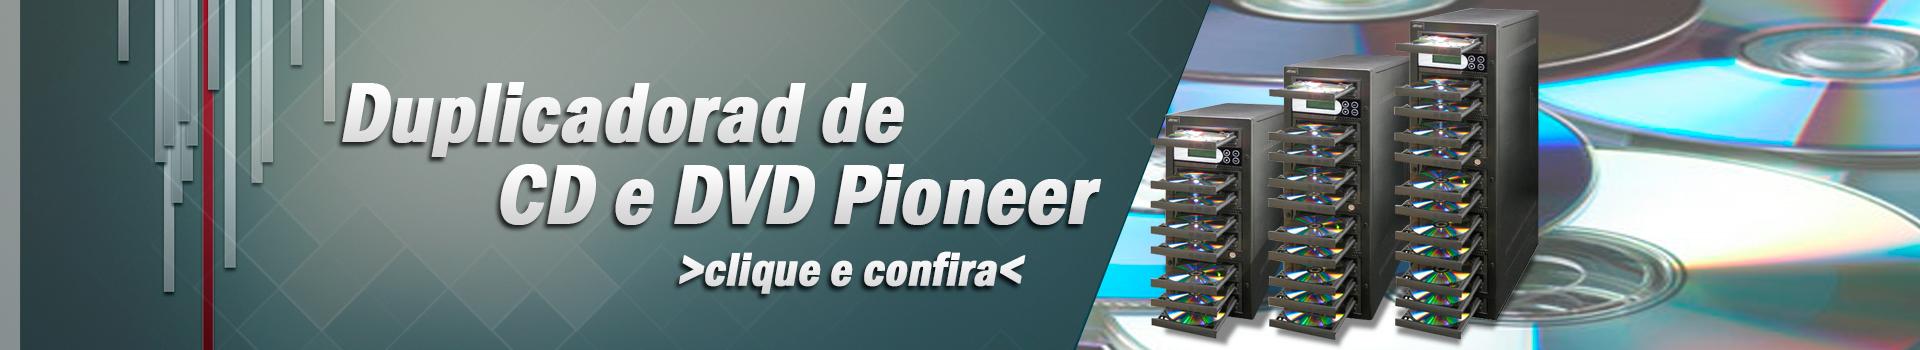 Gravadora Pioneer